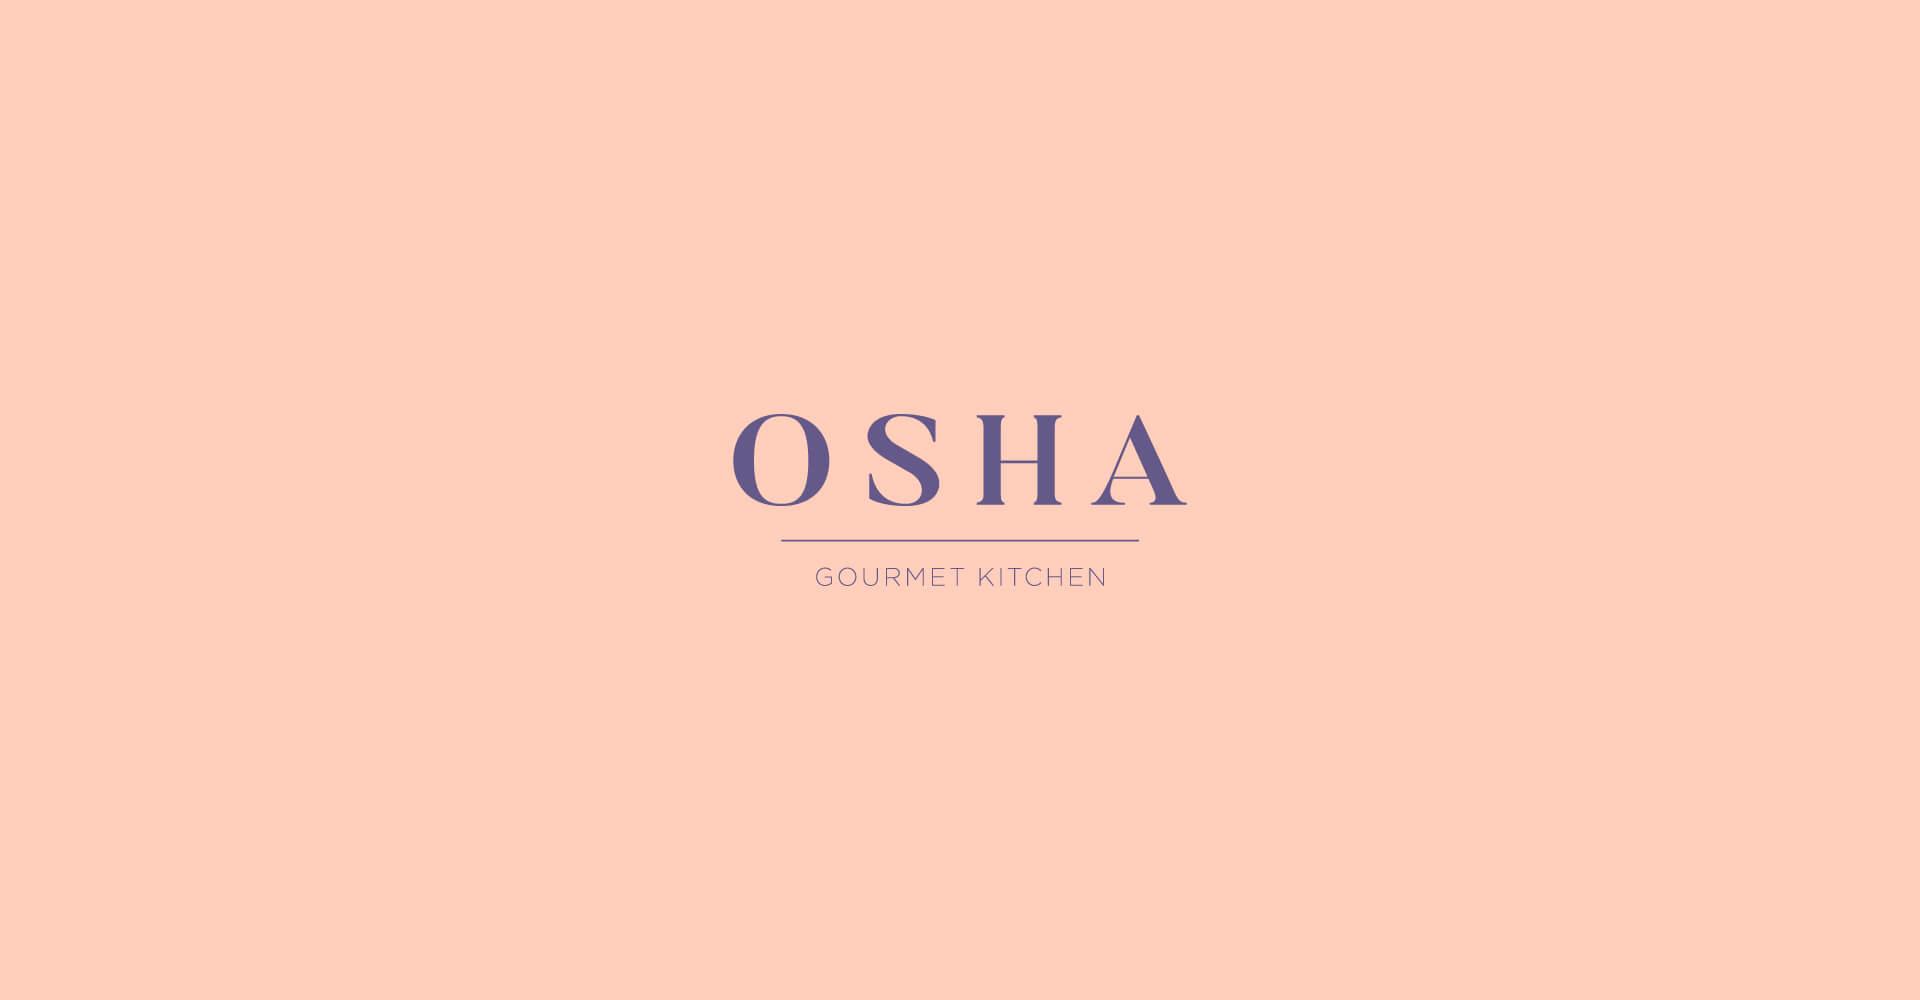 01 Osha-02